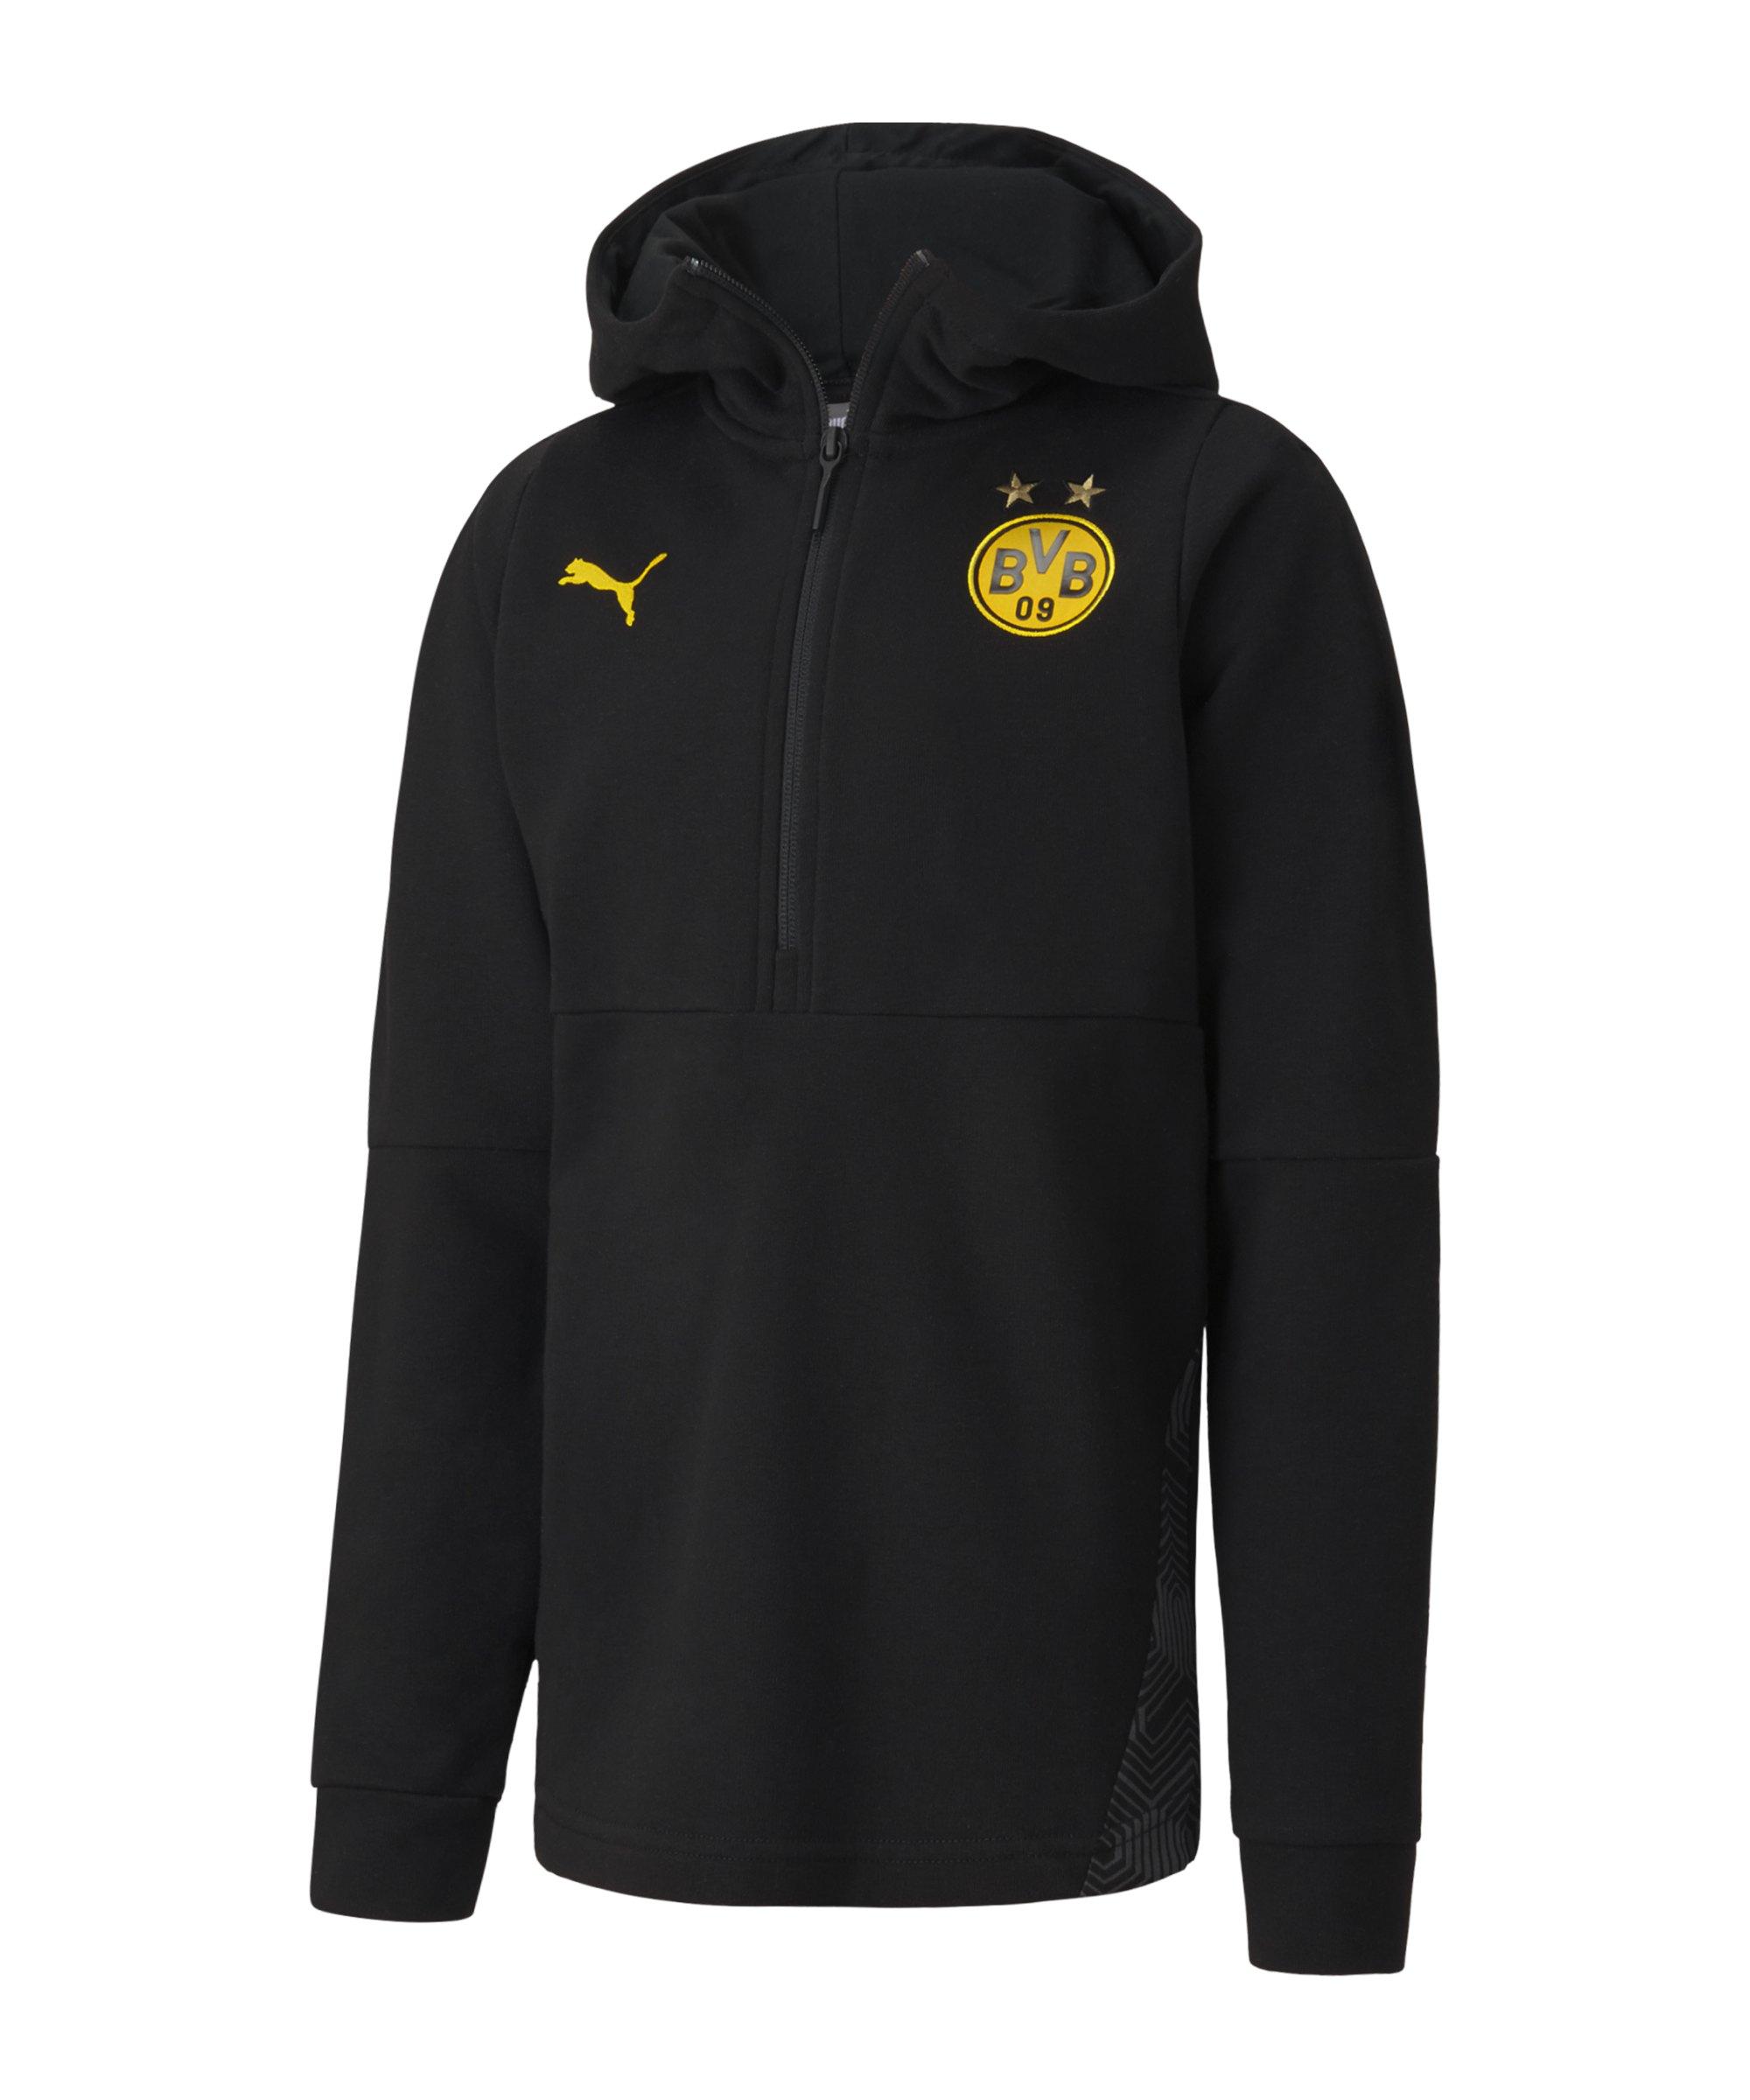 BVB Dortmund Casuals Kapuzensweatshirt Kids Schwarz F02 - schwarz